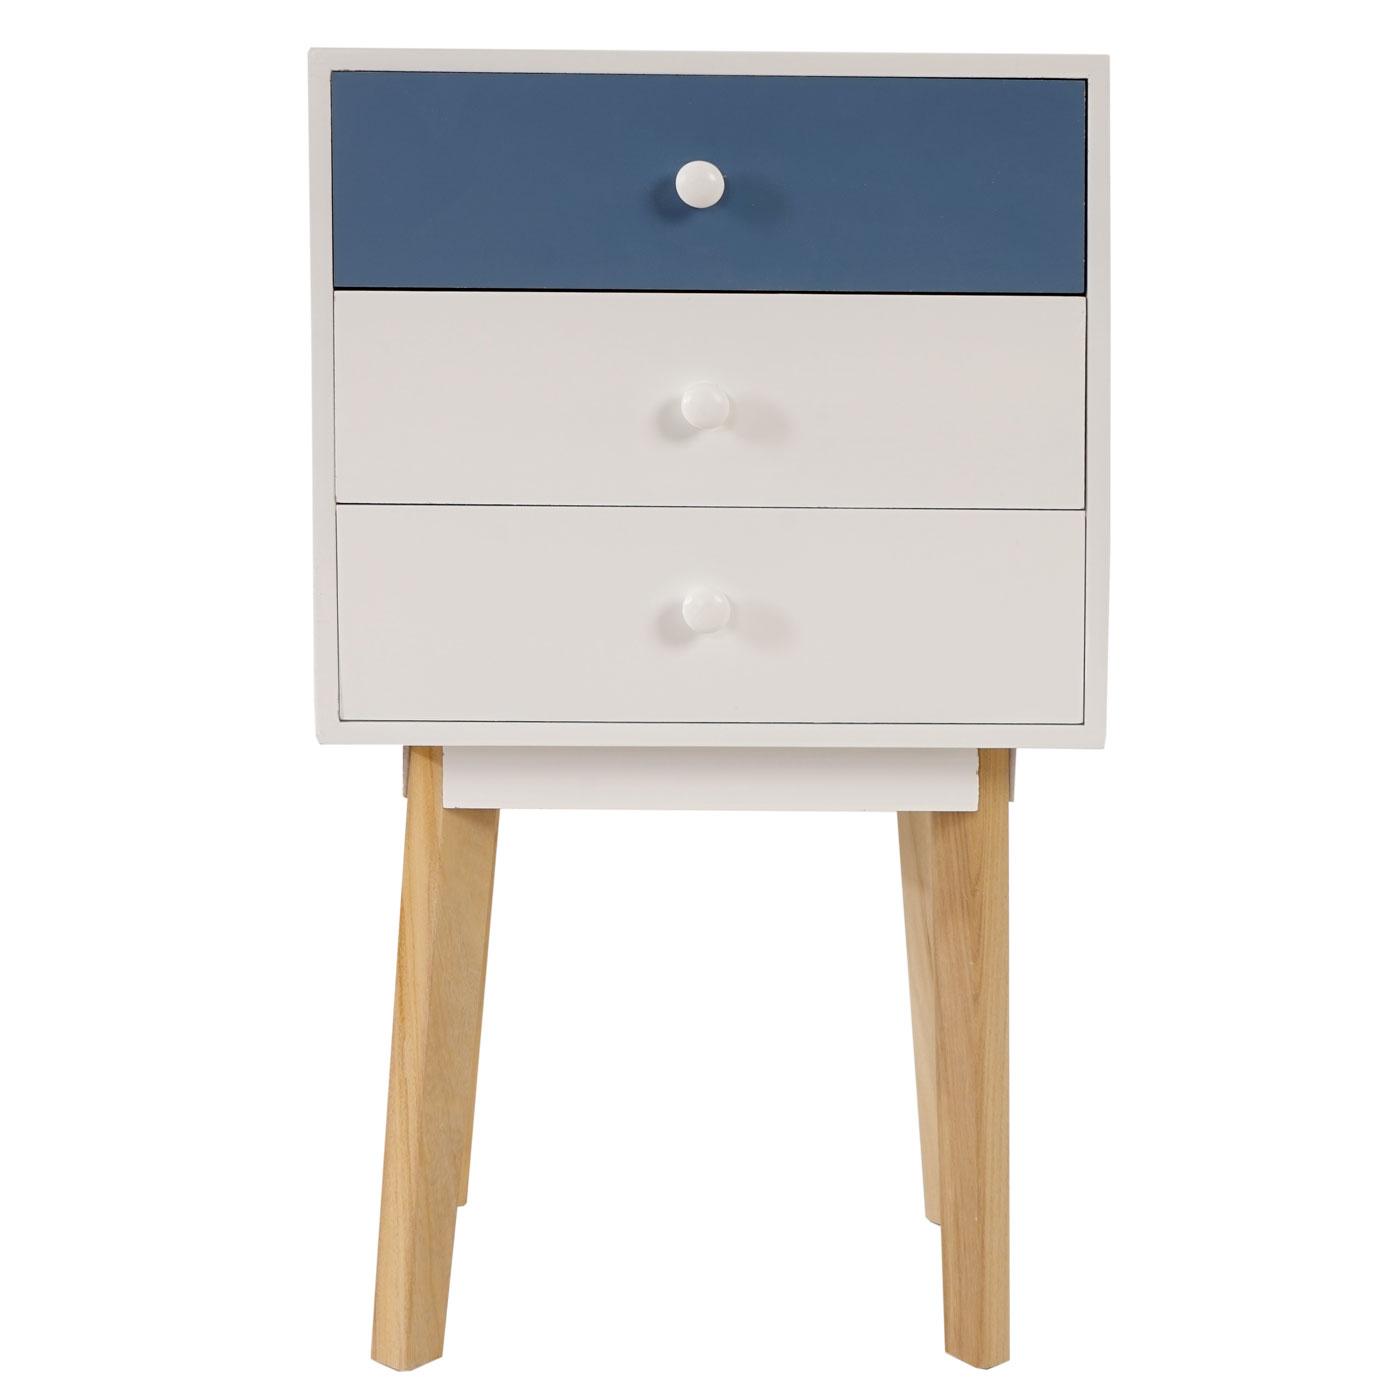 kommode vaasa t270 beistelltisch schrank retro design 70x40x30cm blau ebay. Black Bedroom Furniture Sets. Home Design Ideas